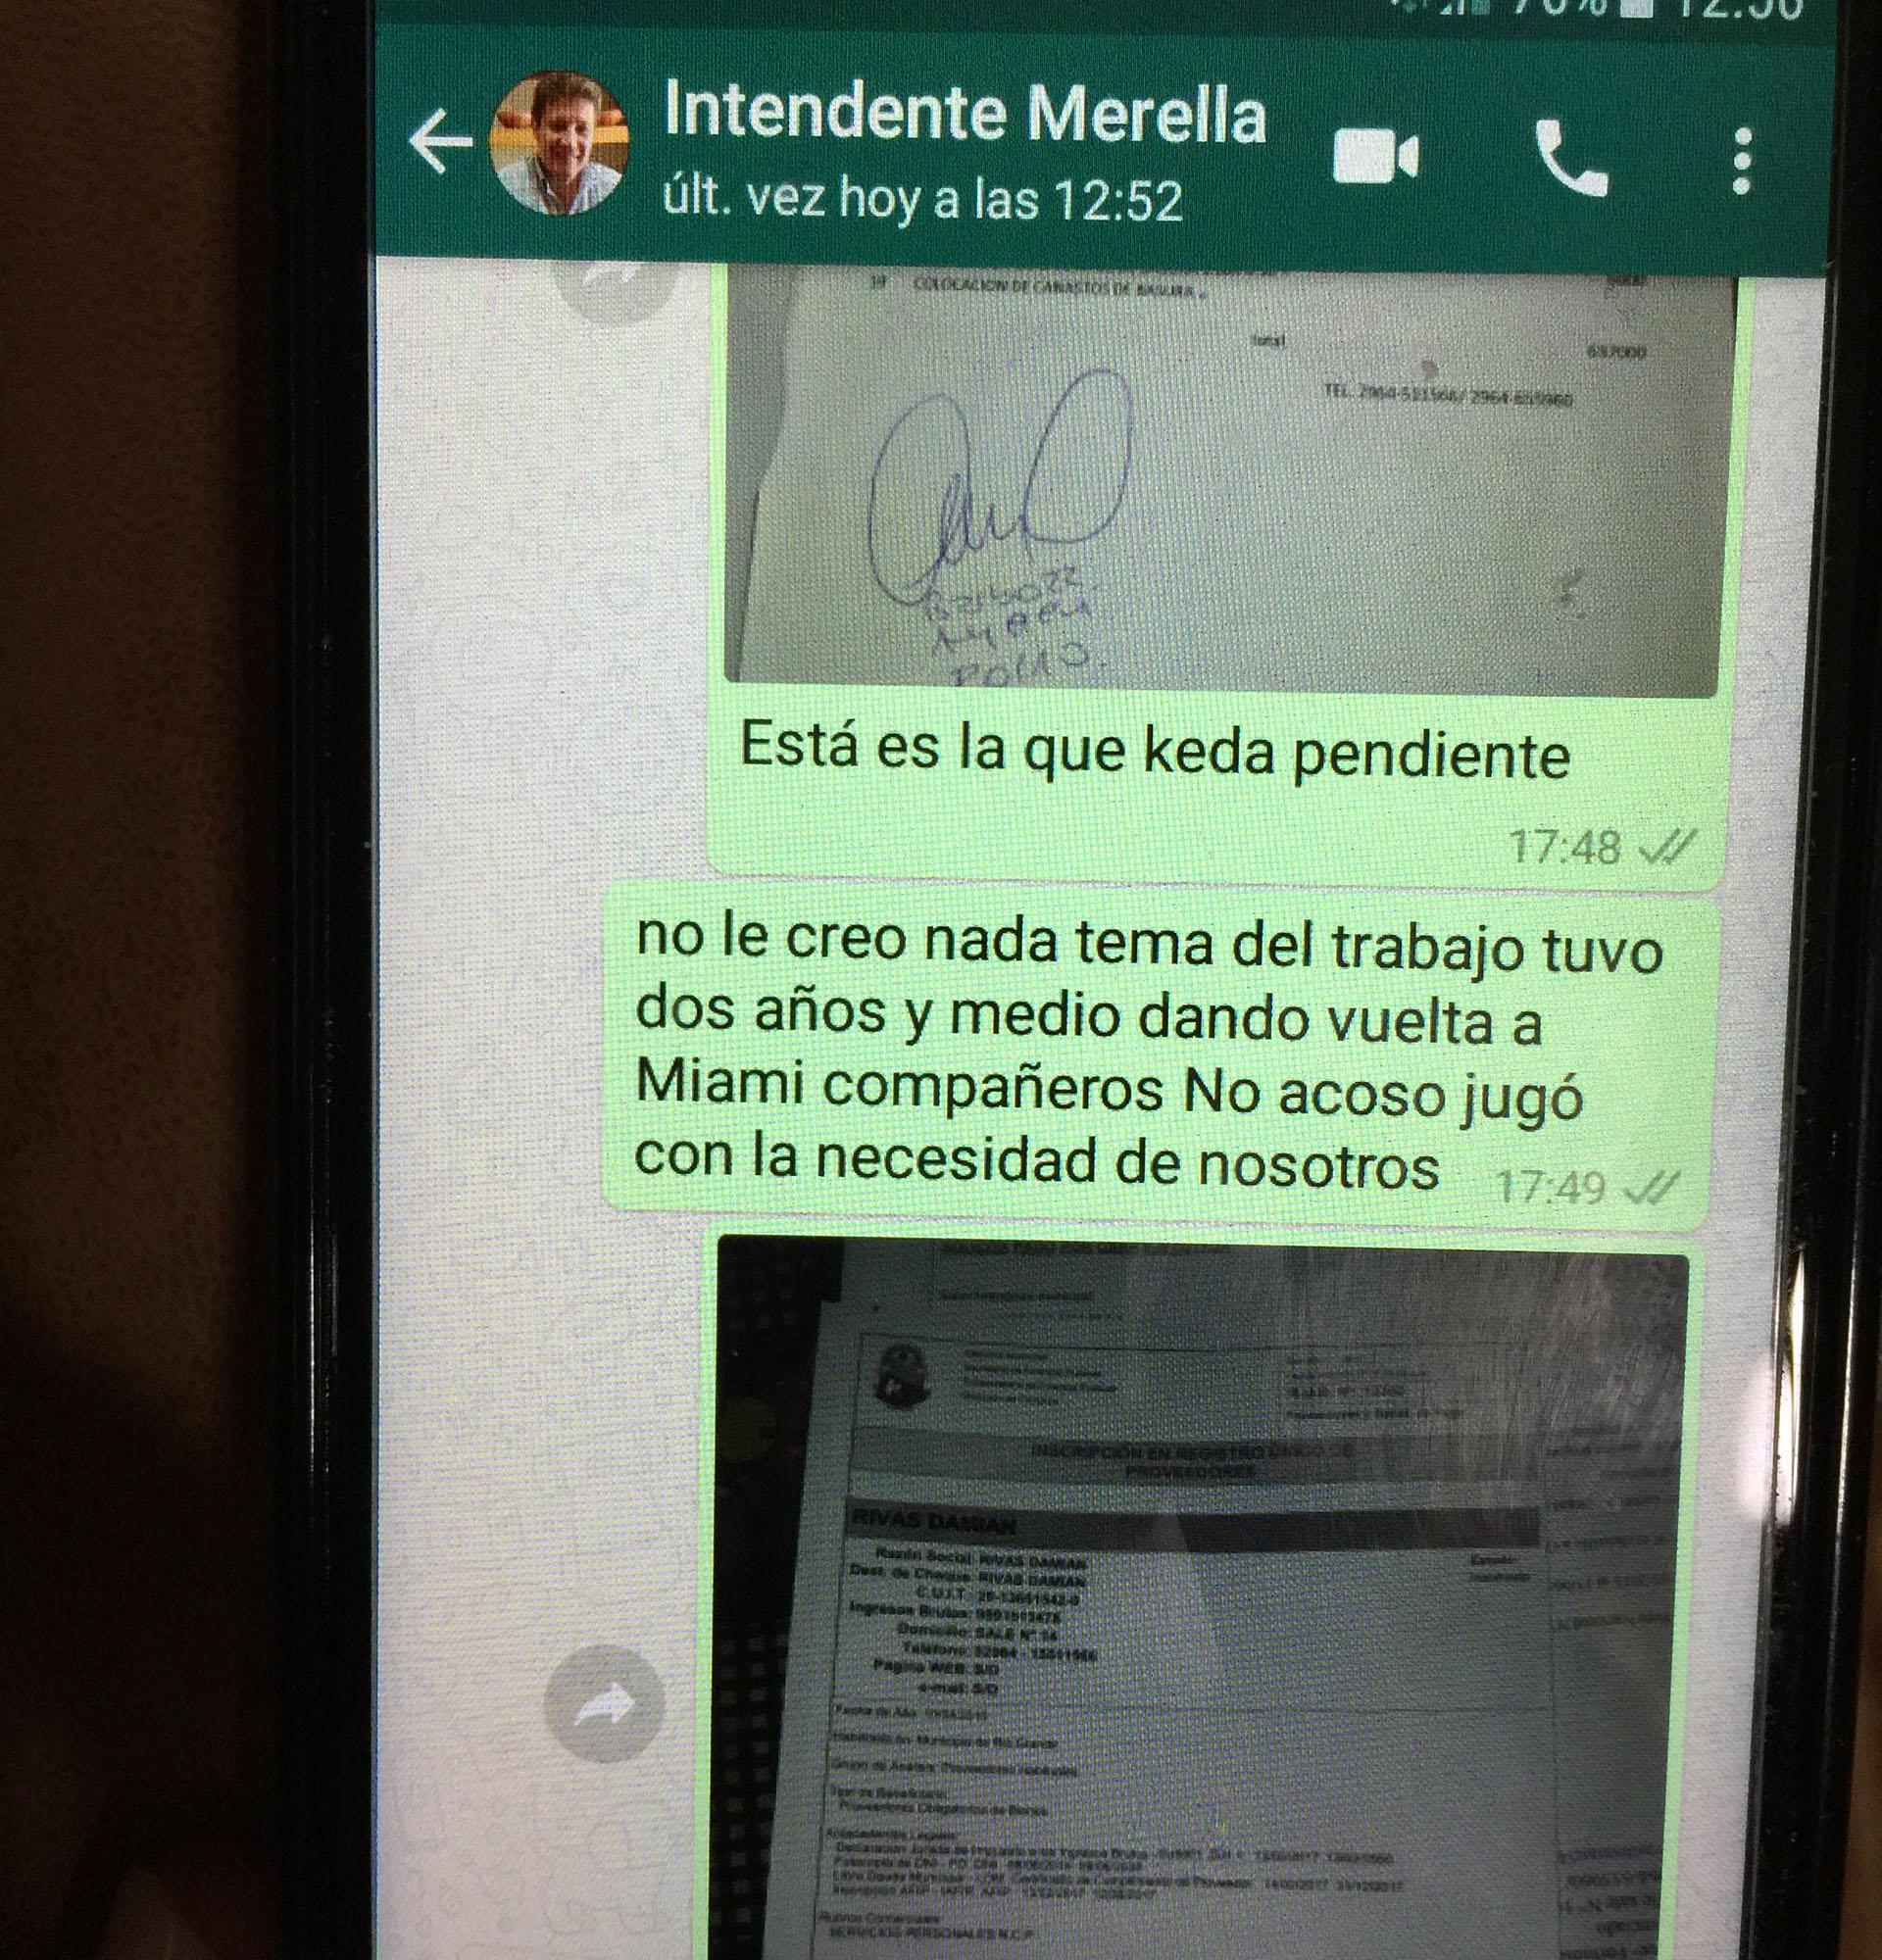 Investigacion al Intendente Melella en Rio Grande Mensajes celu Rivas reclamo del pago